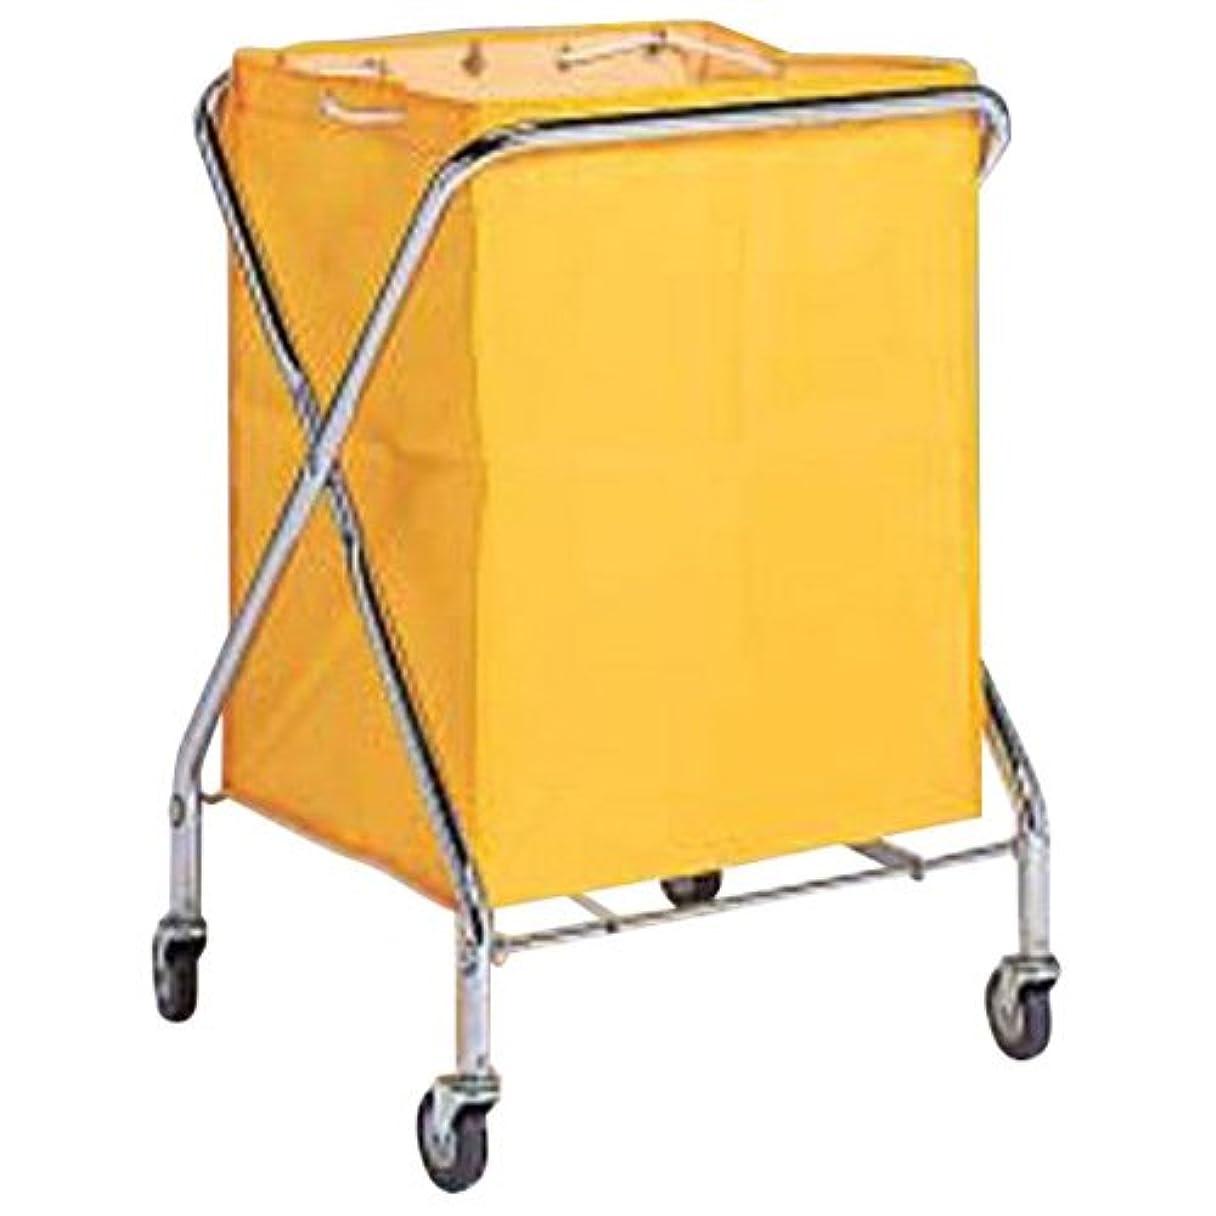 店主後退する役立つテラモト BMダストカー袋 小エコ袋 黄 DS2327105